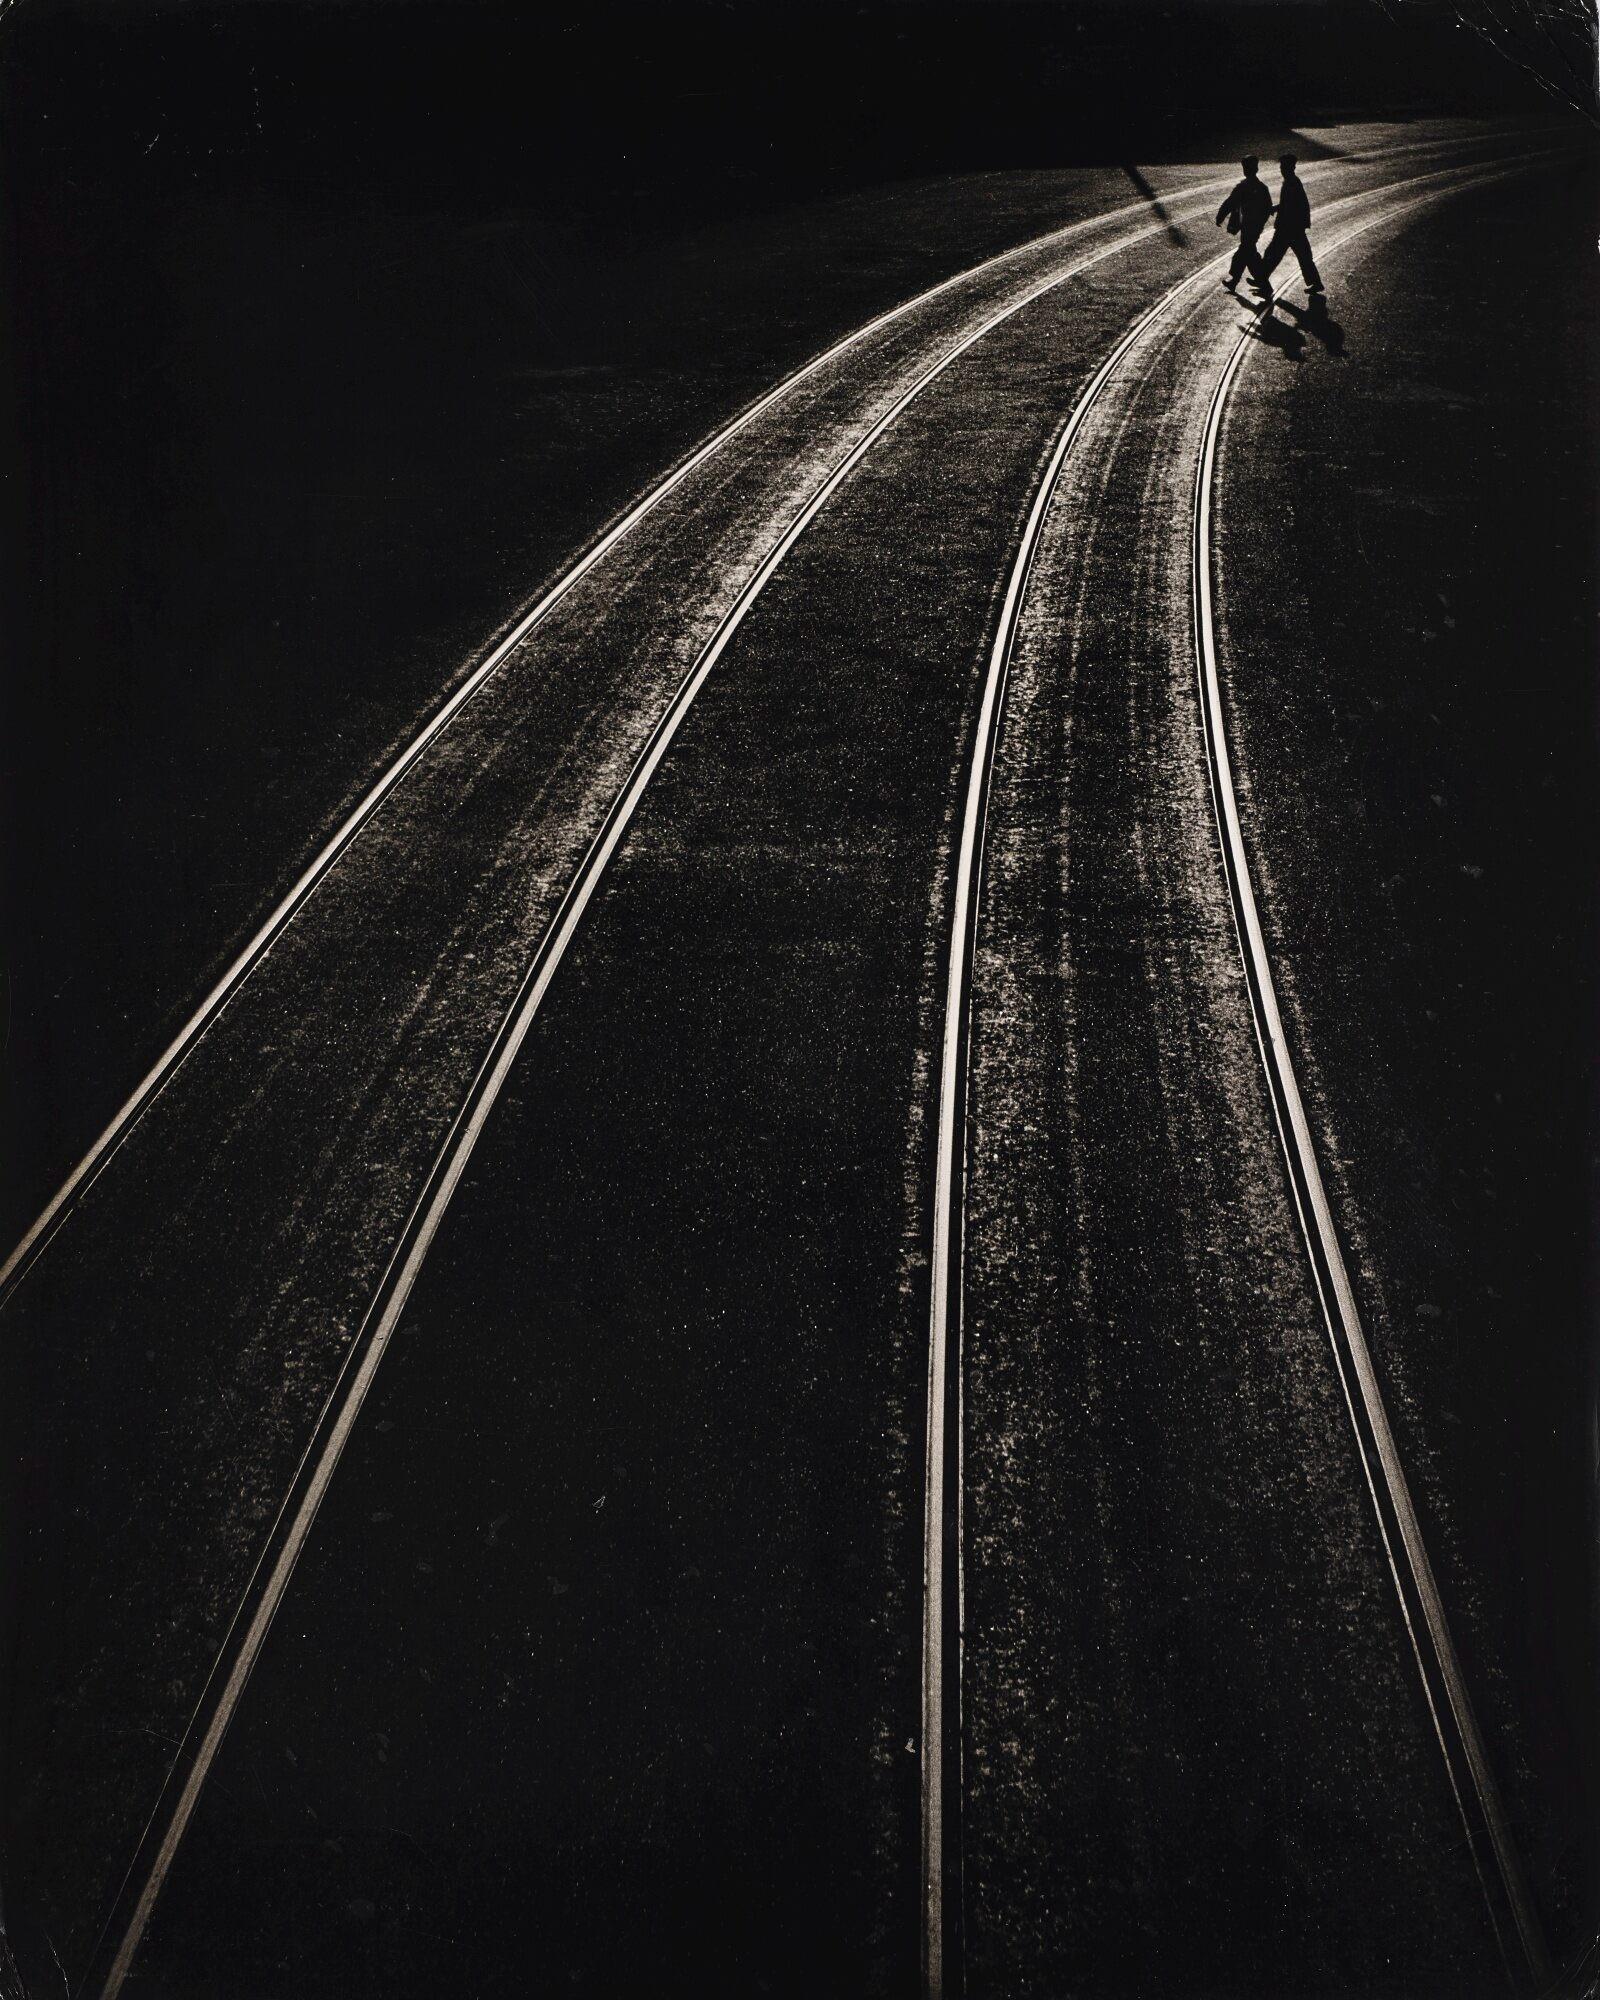 Полночь в Гонконге, 1958. Автор Фан Хо